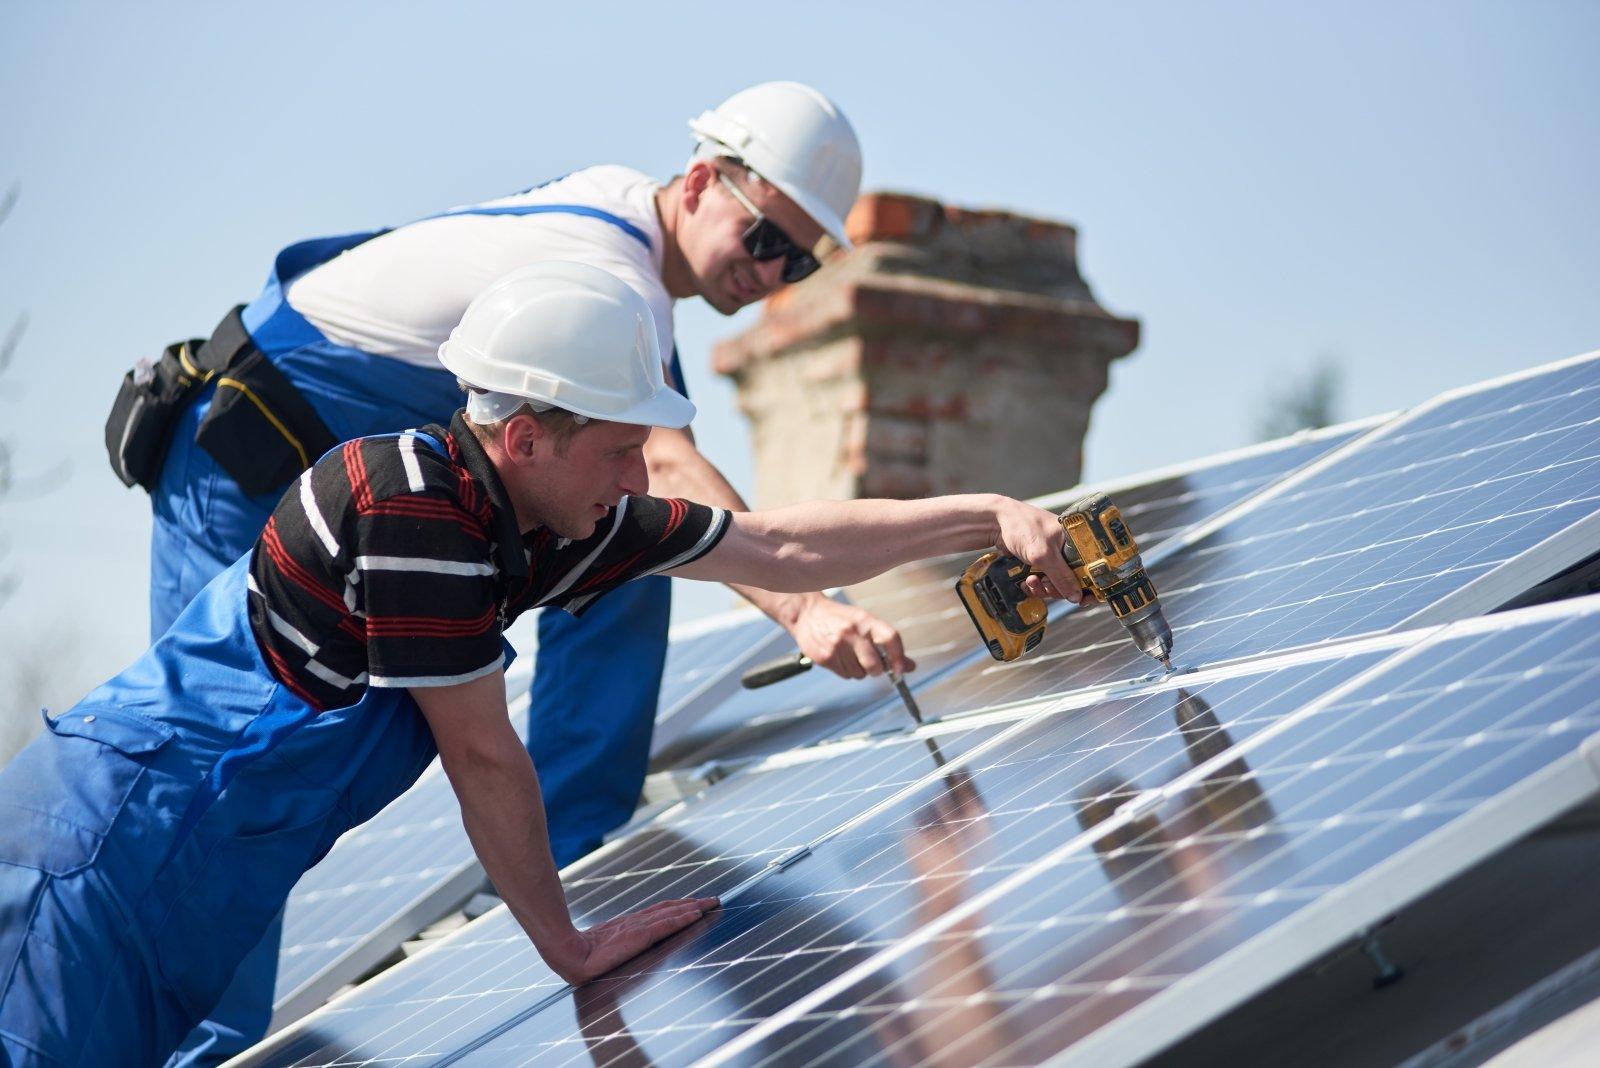 prekybos elektros energija galimybės)